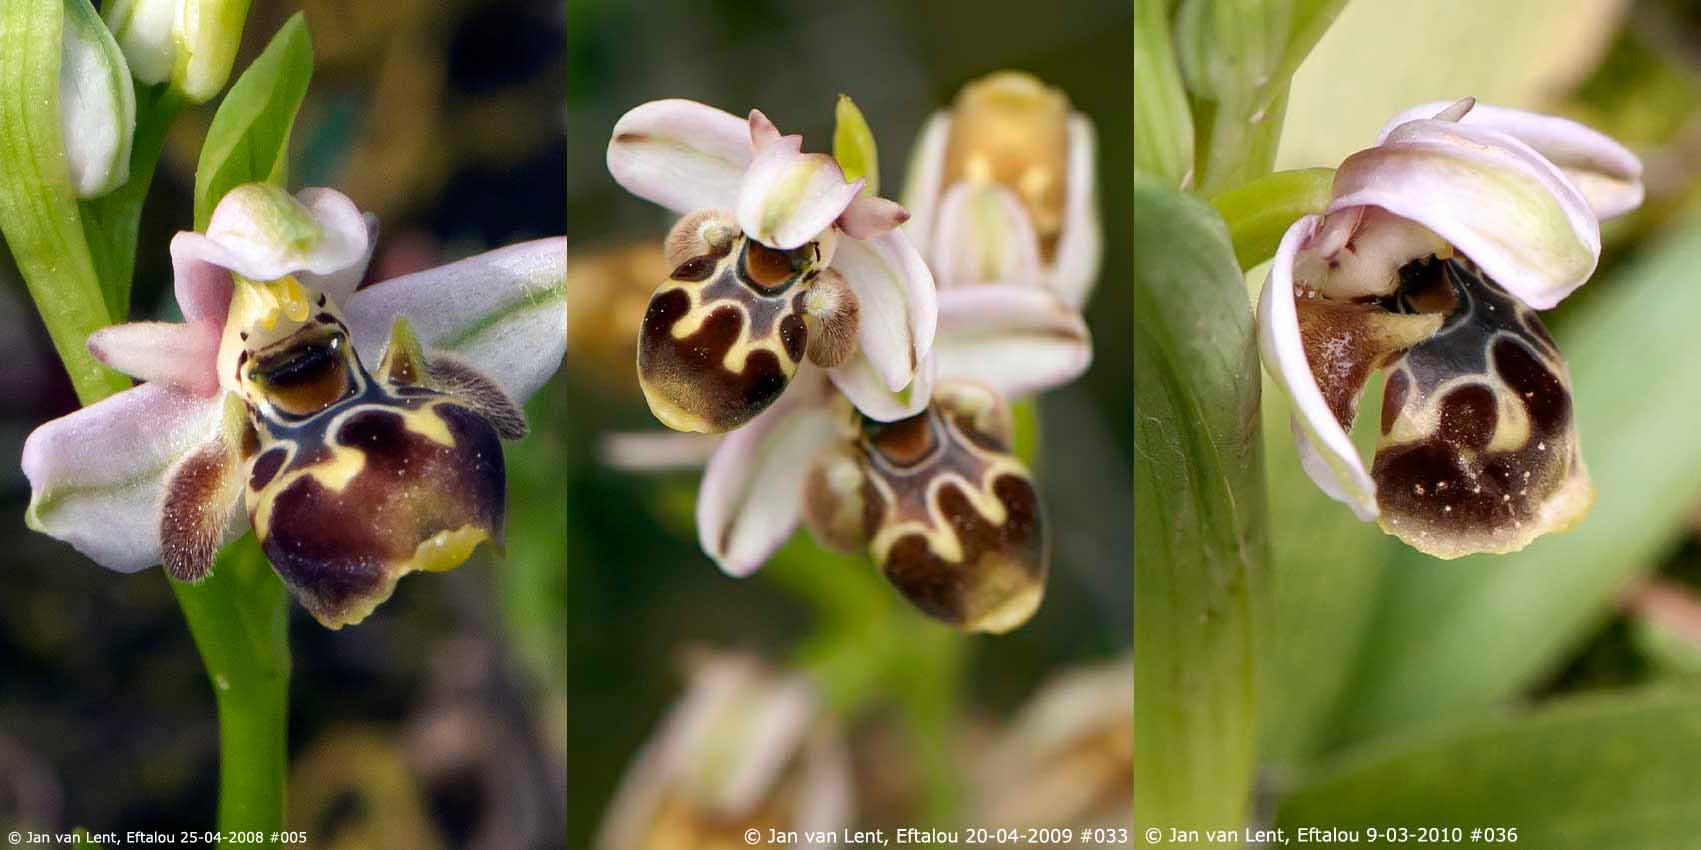 O. umbilicata, Eftalou © Jan van Lent 2008, 2009, 2010